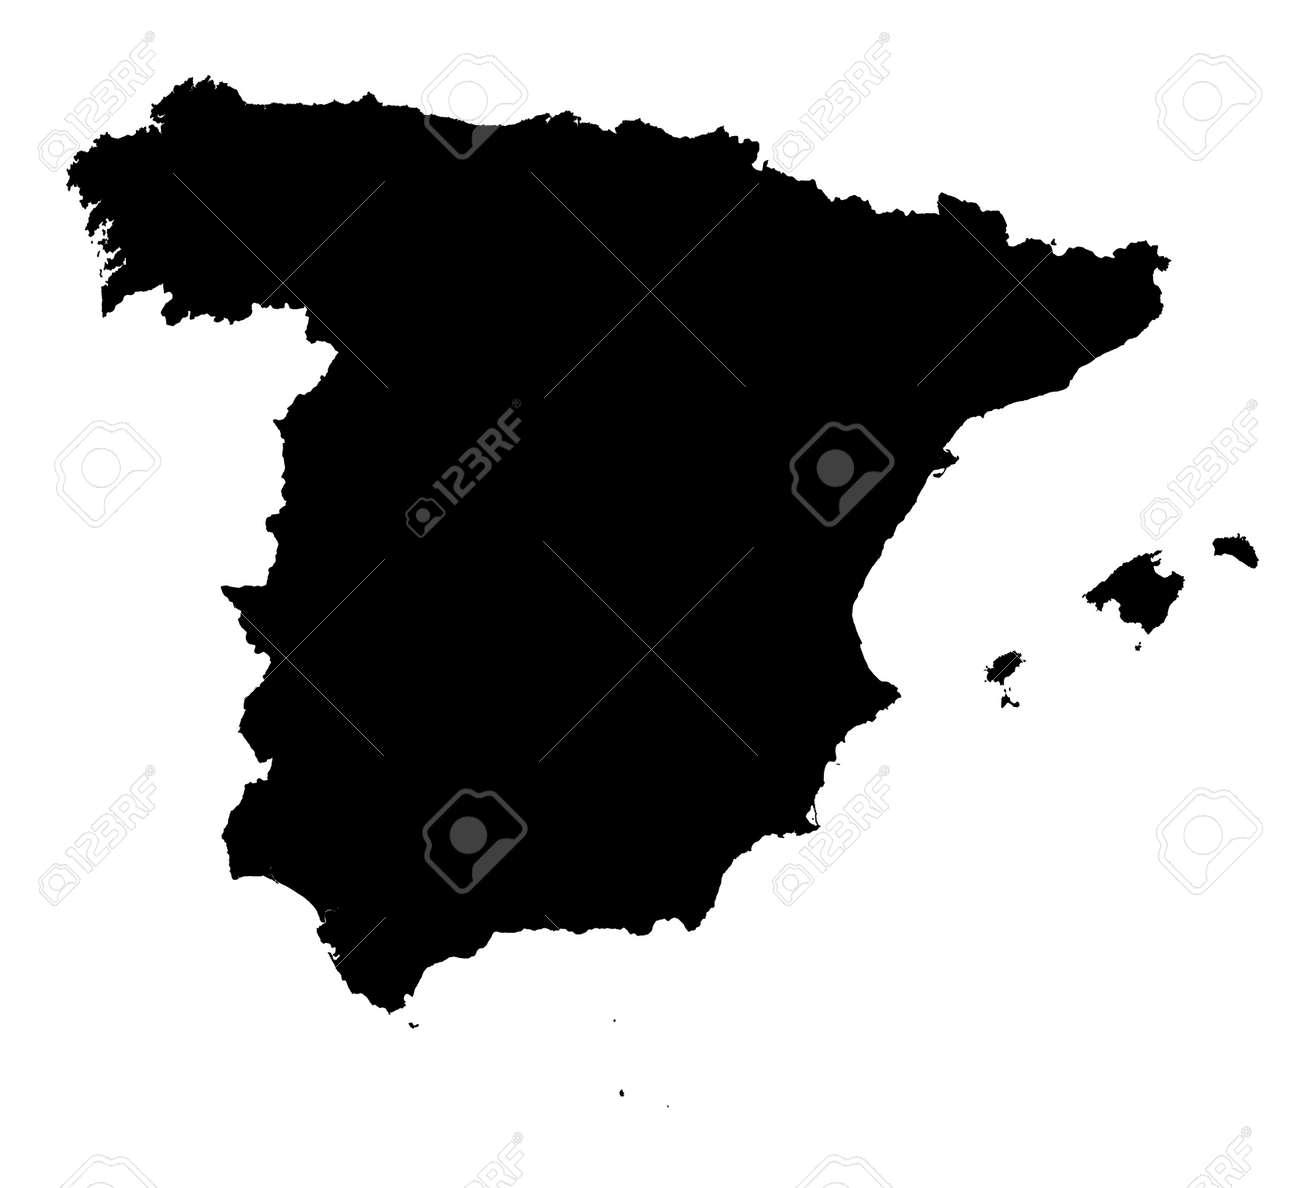 Carte Espagne Noir Et Blanc.Carte Detaillee Isolee De L Espagne Noir Et Blanc Mercator Projection